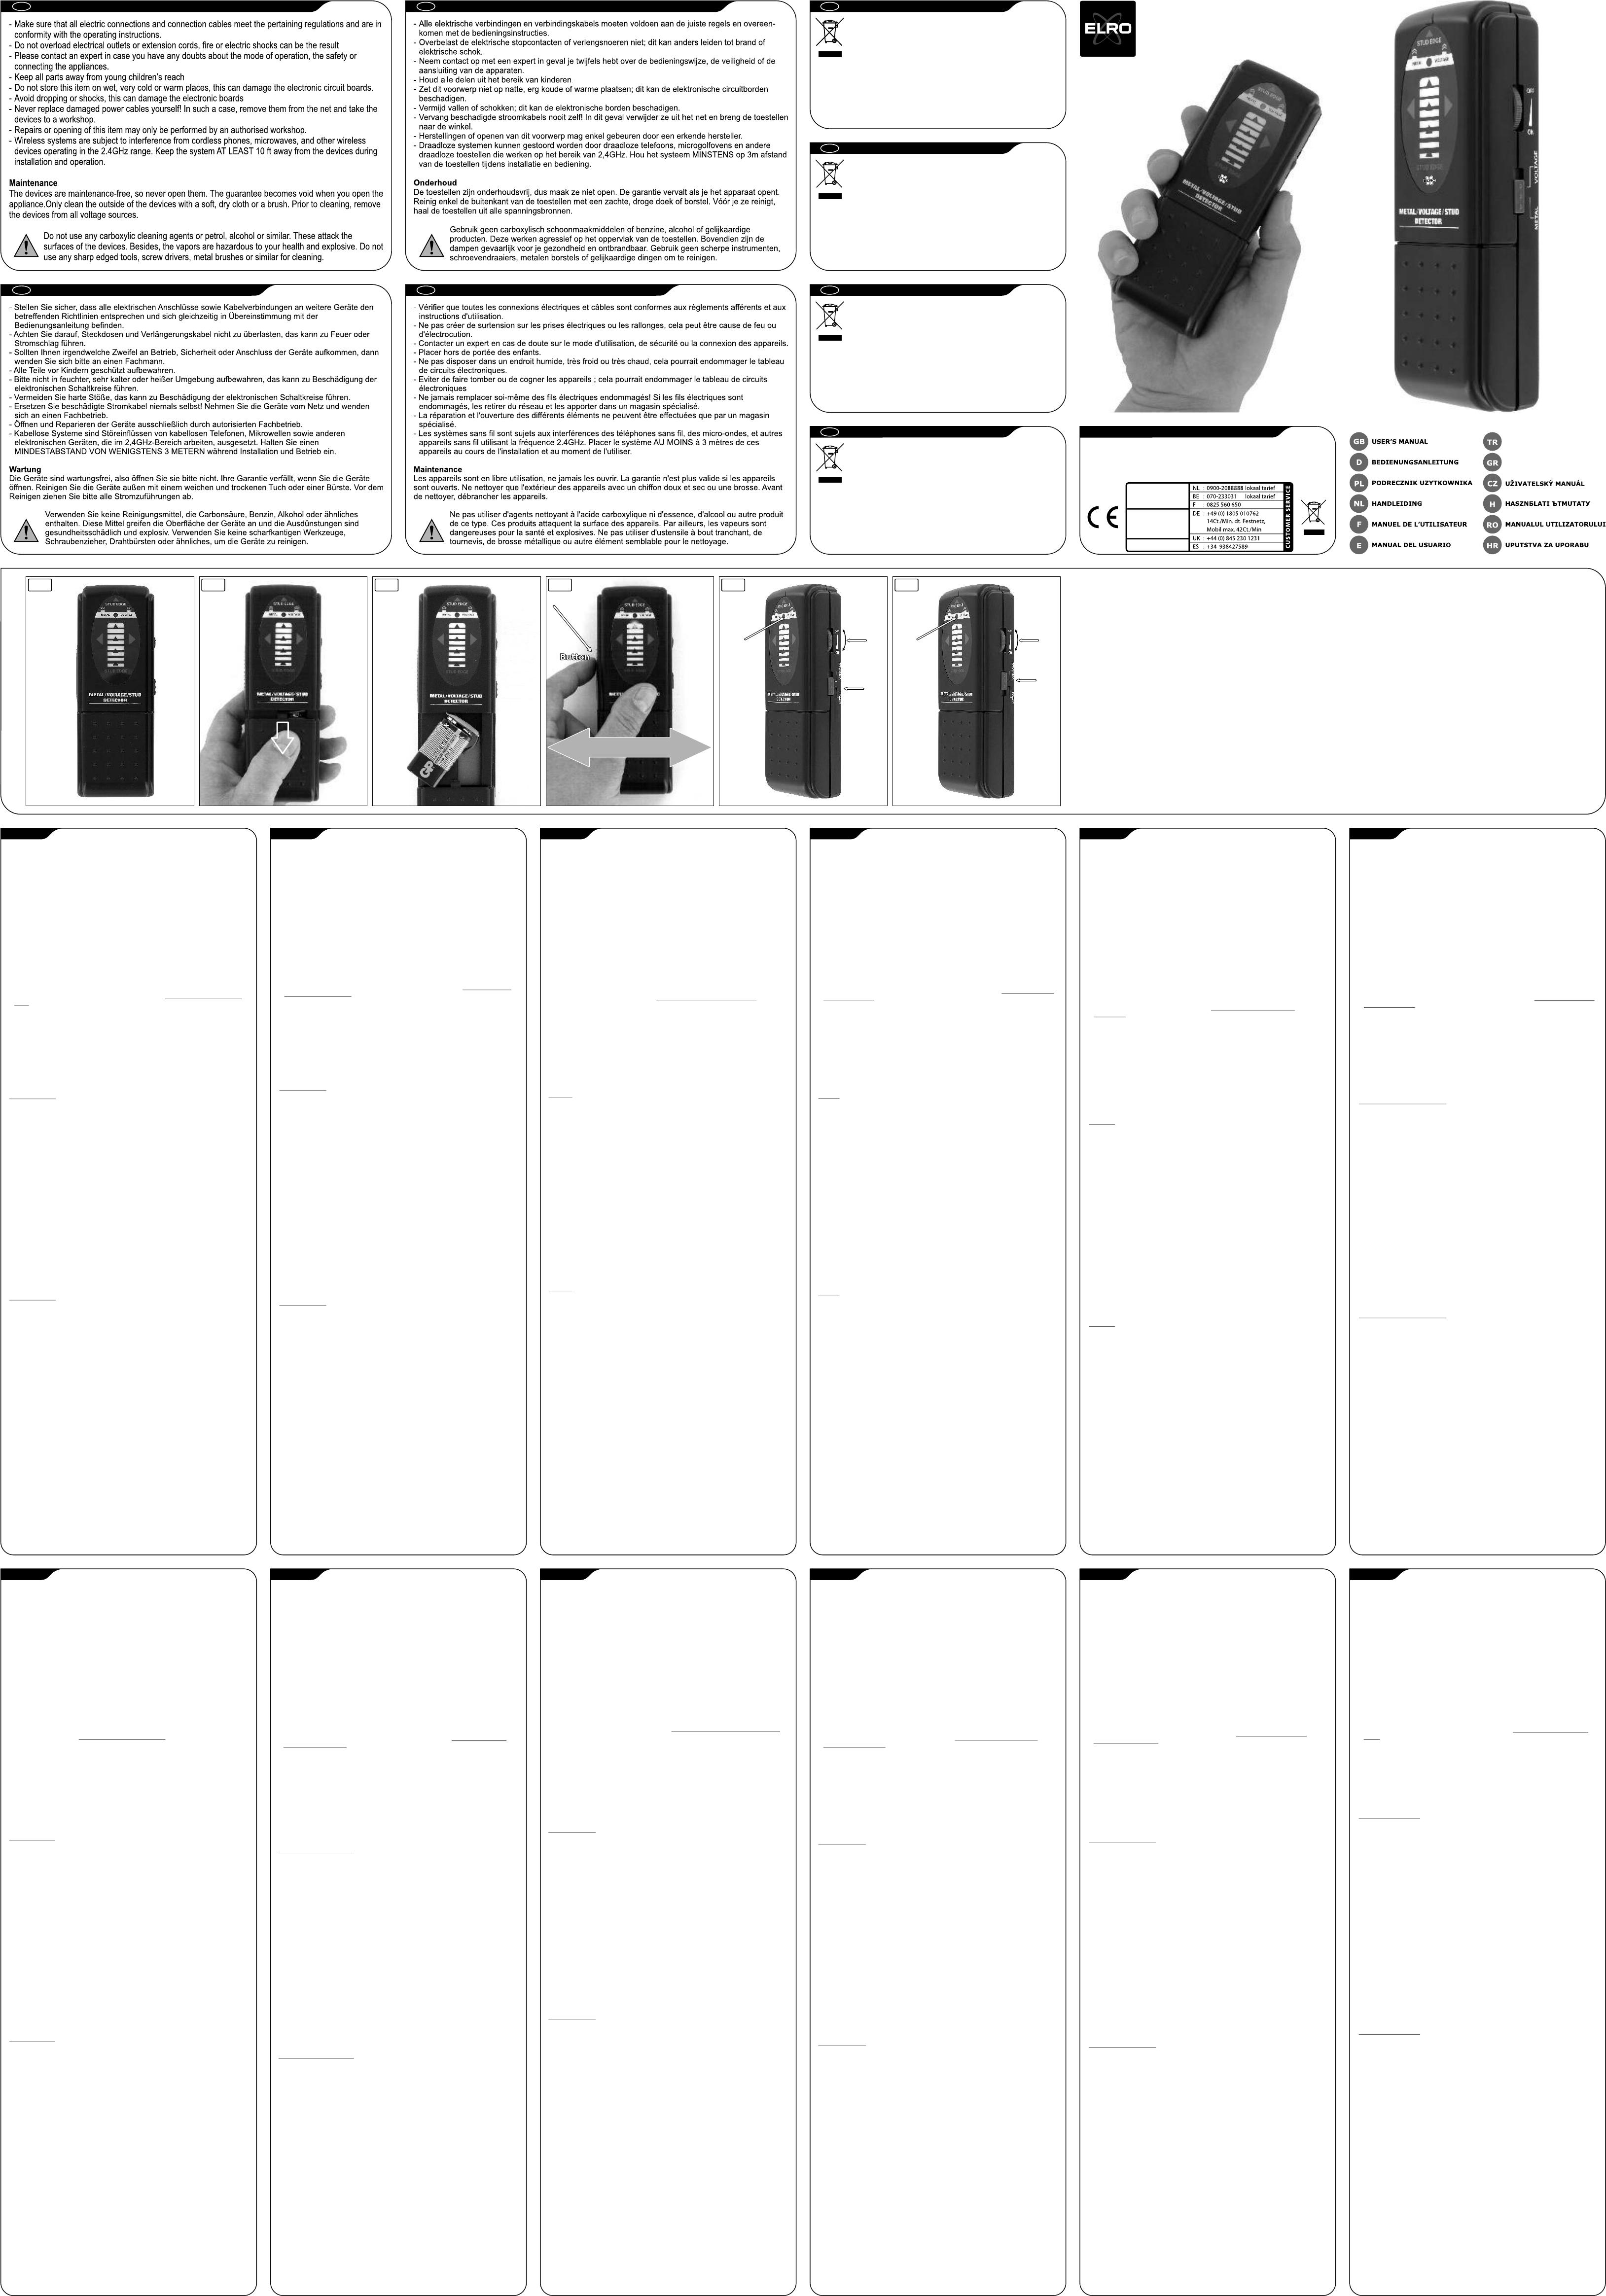 Handleiding Elro M 130 Universal Scanner Pagina 1 Van 1 Deutsch  # Pan De Mur Avec Tv